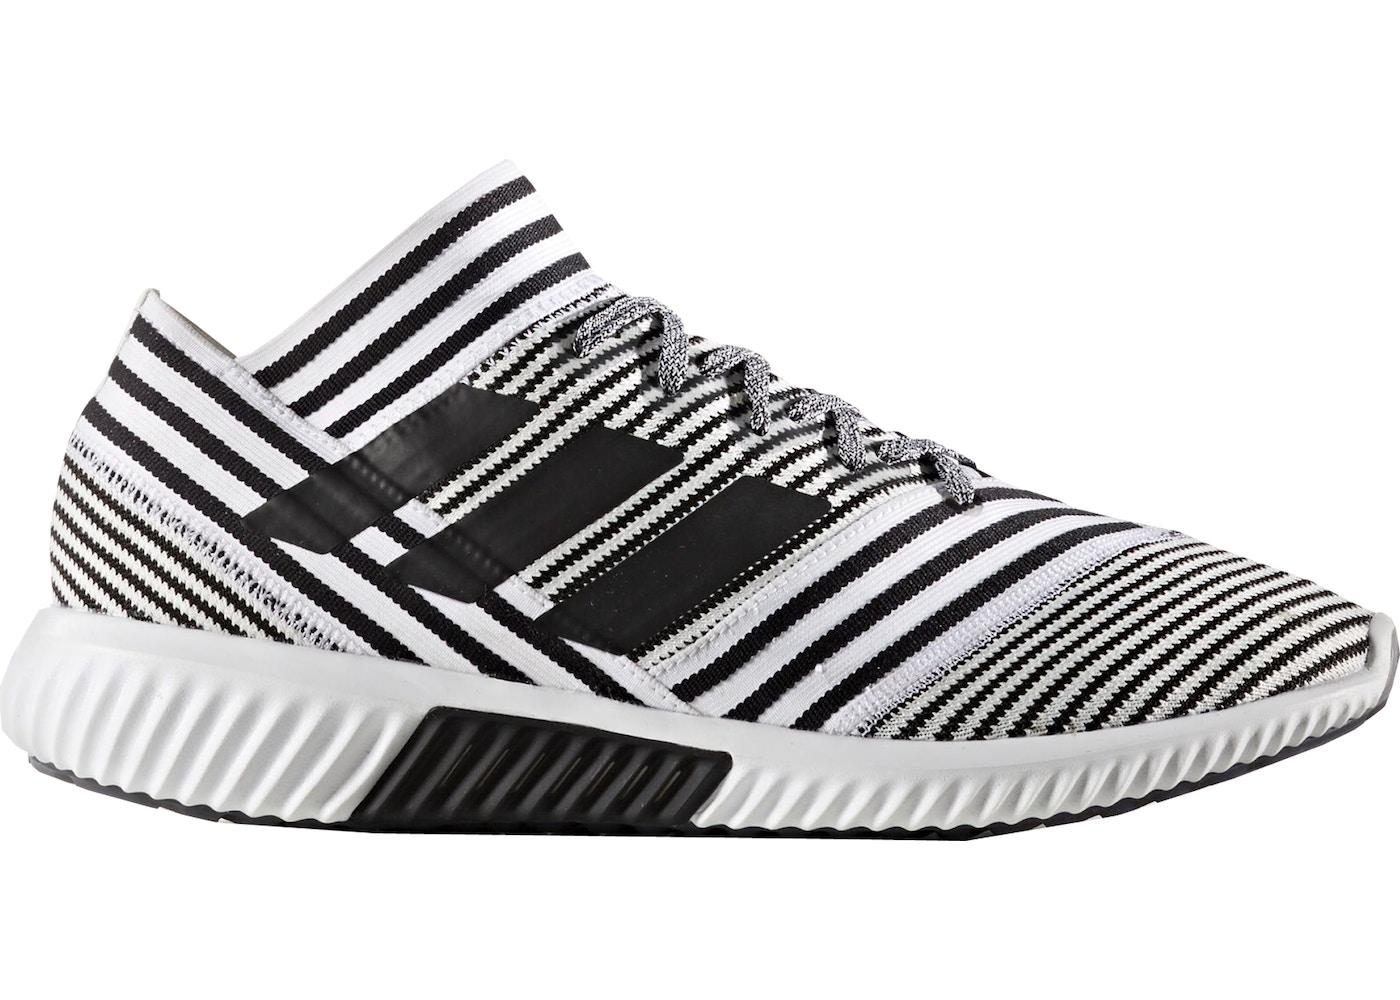 7ee4c2e35 Sell. or Ask. Size 8. View All Bids. adidas Nemeziz Tango 17.1 White Black